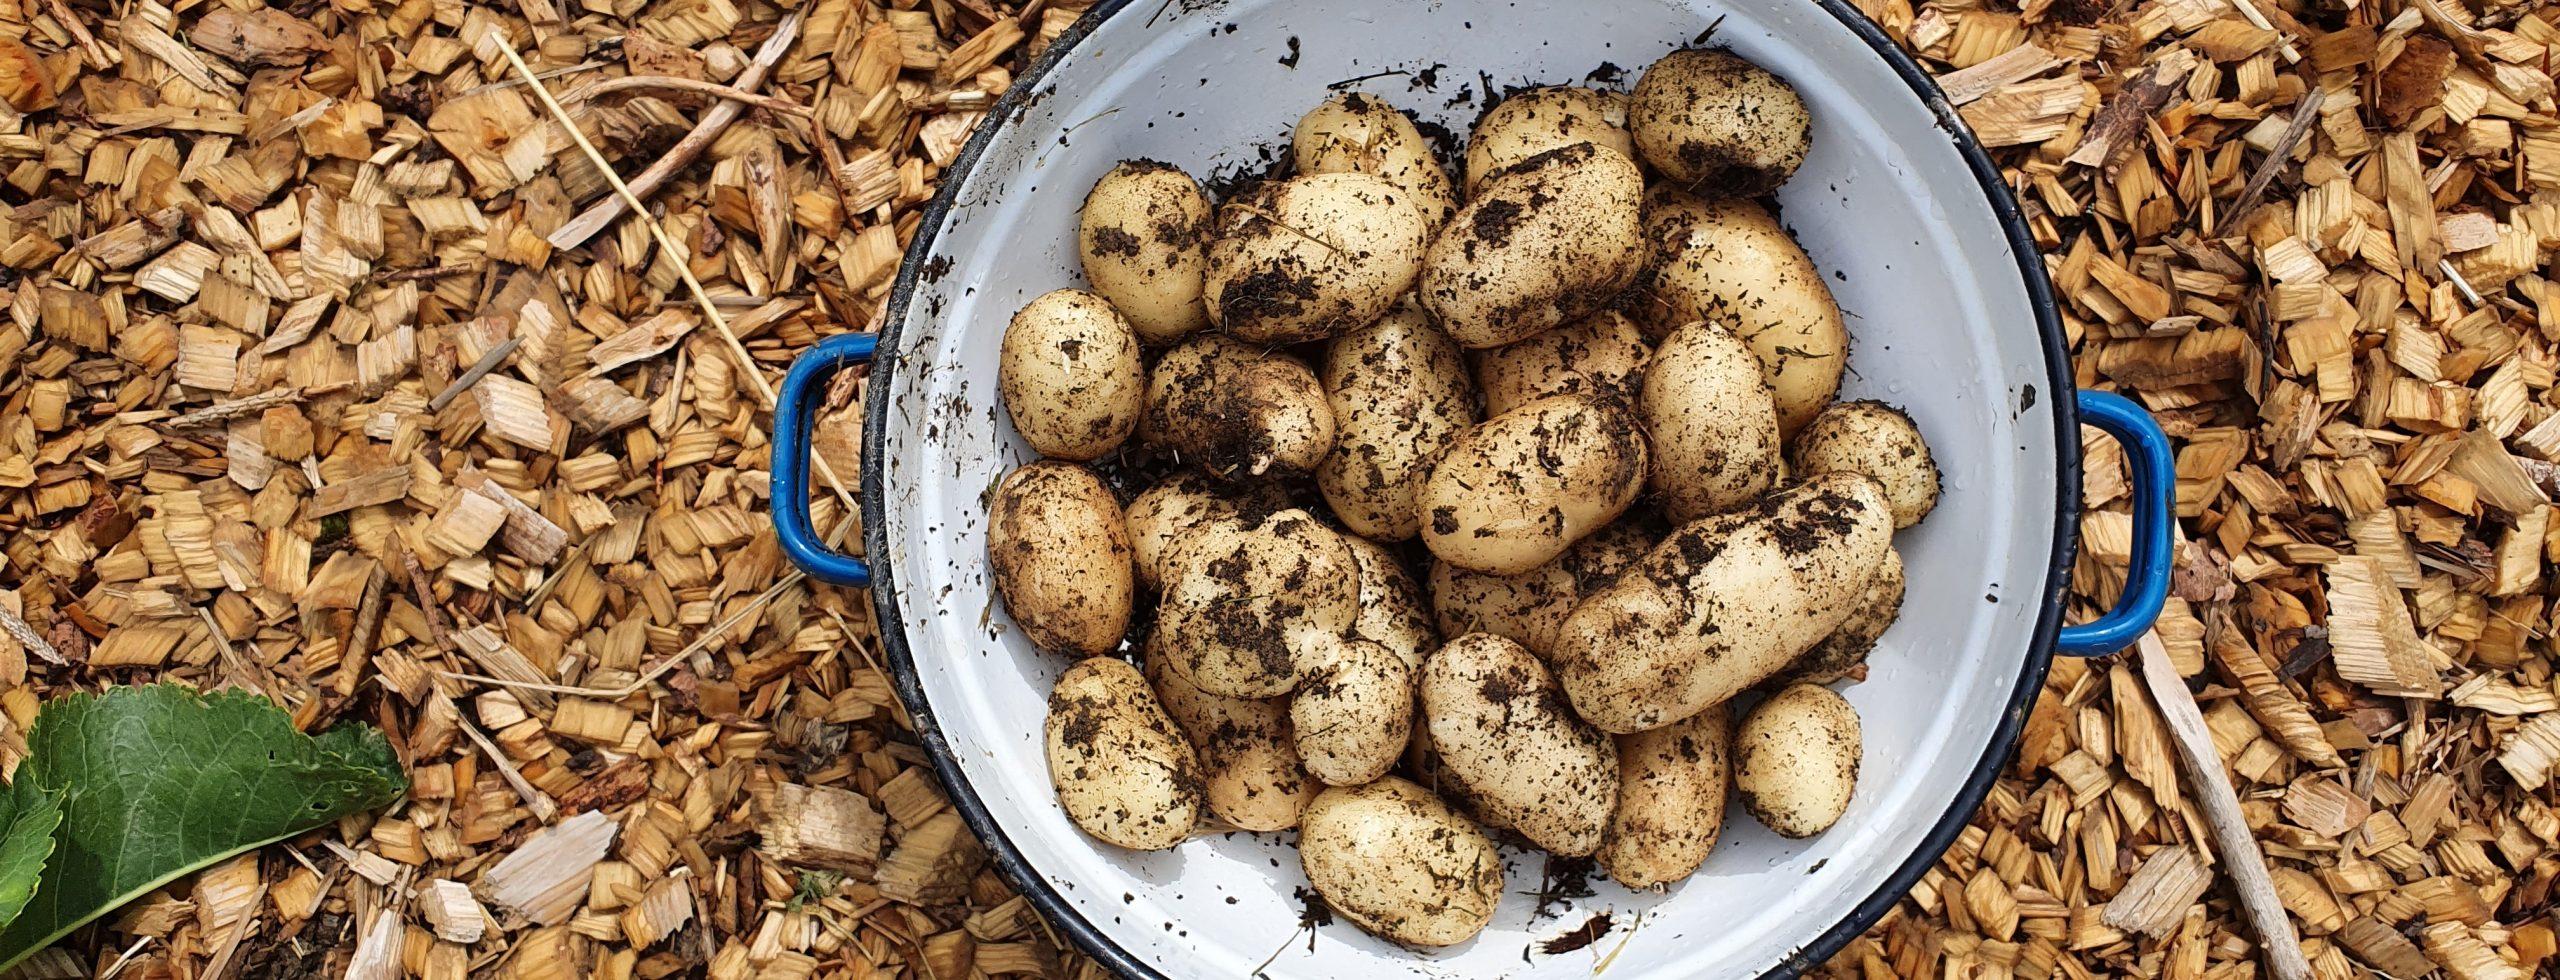 Krompir vzgoja in nega vrt obilja